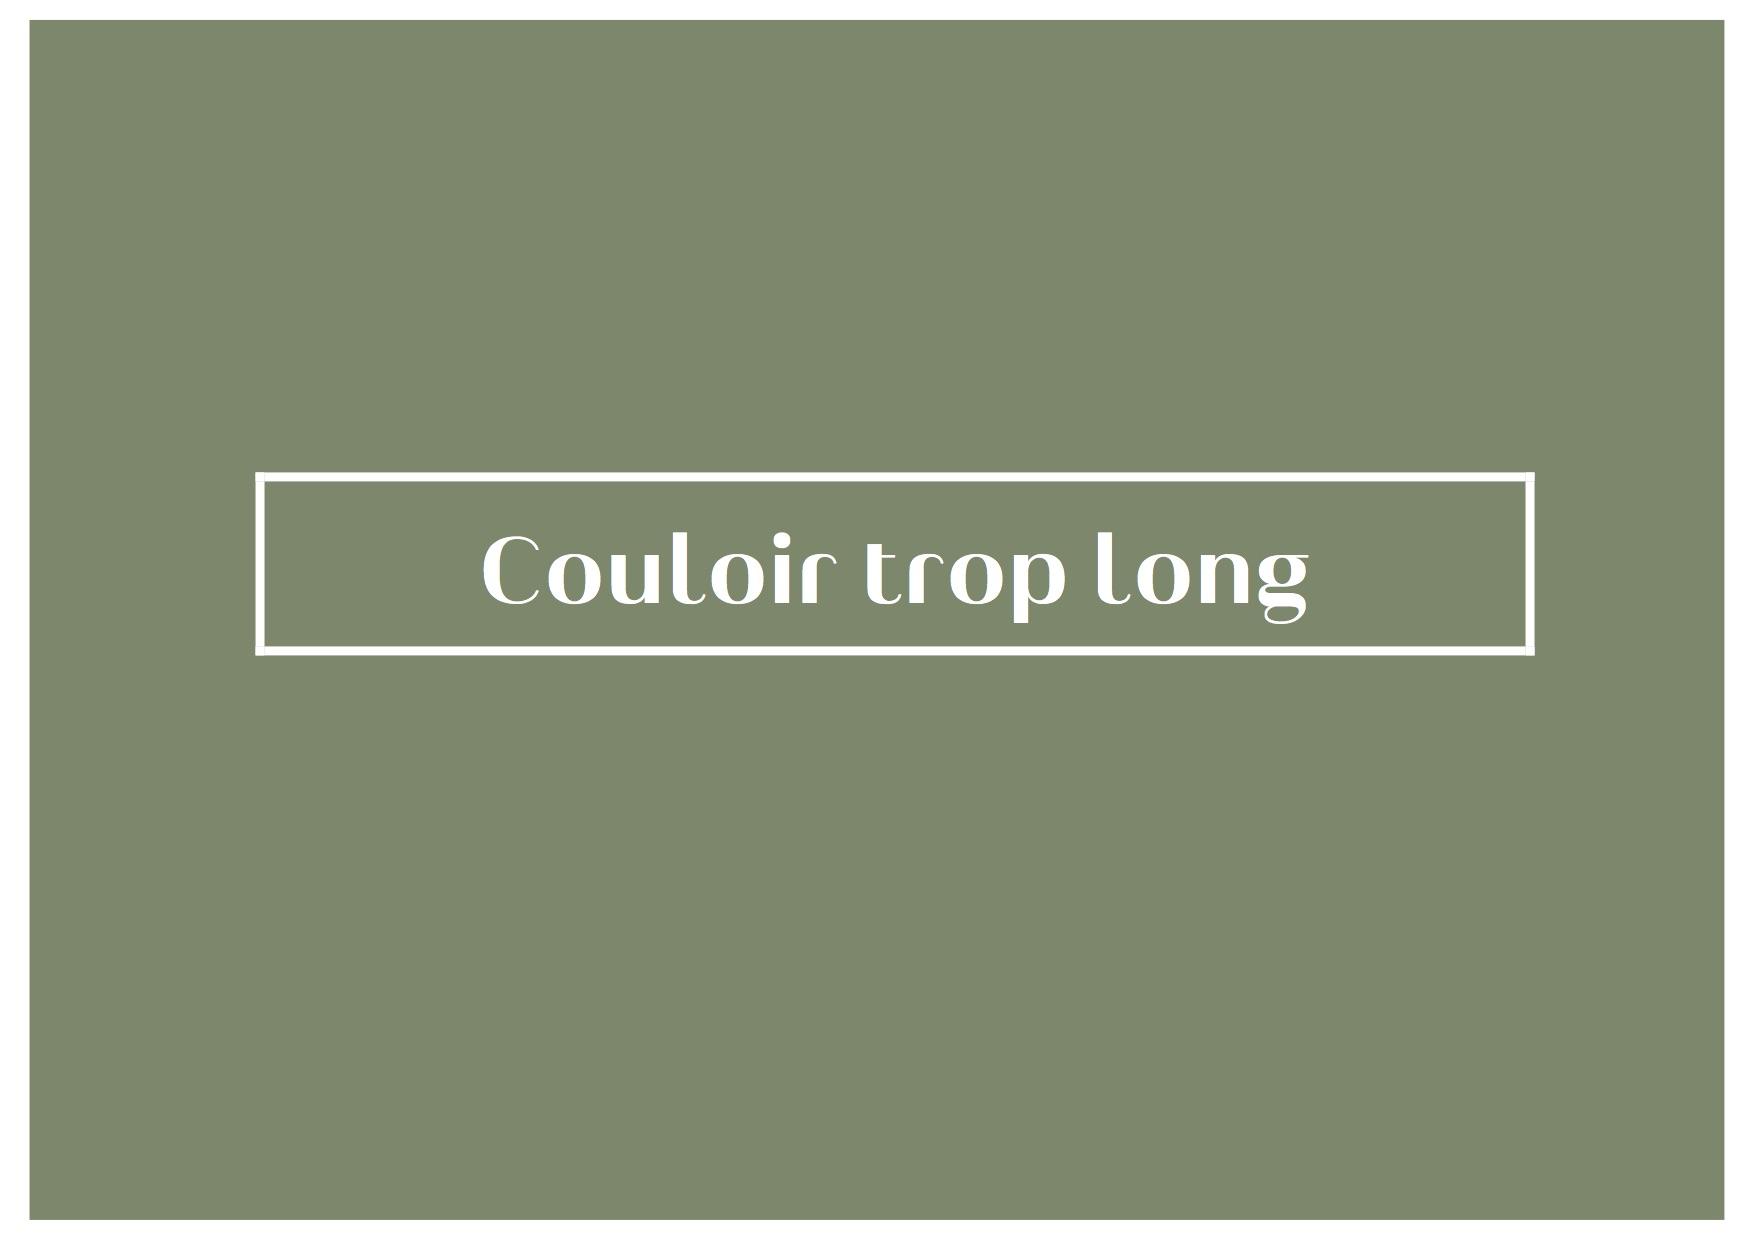 vert-eucalyptus-couloir-trop-long-astuce-peinture-plafond